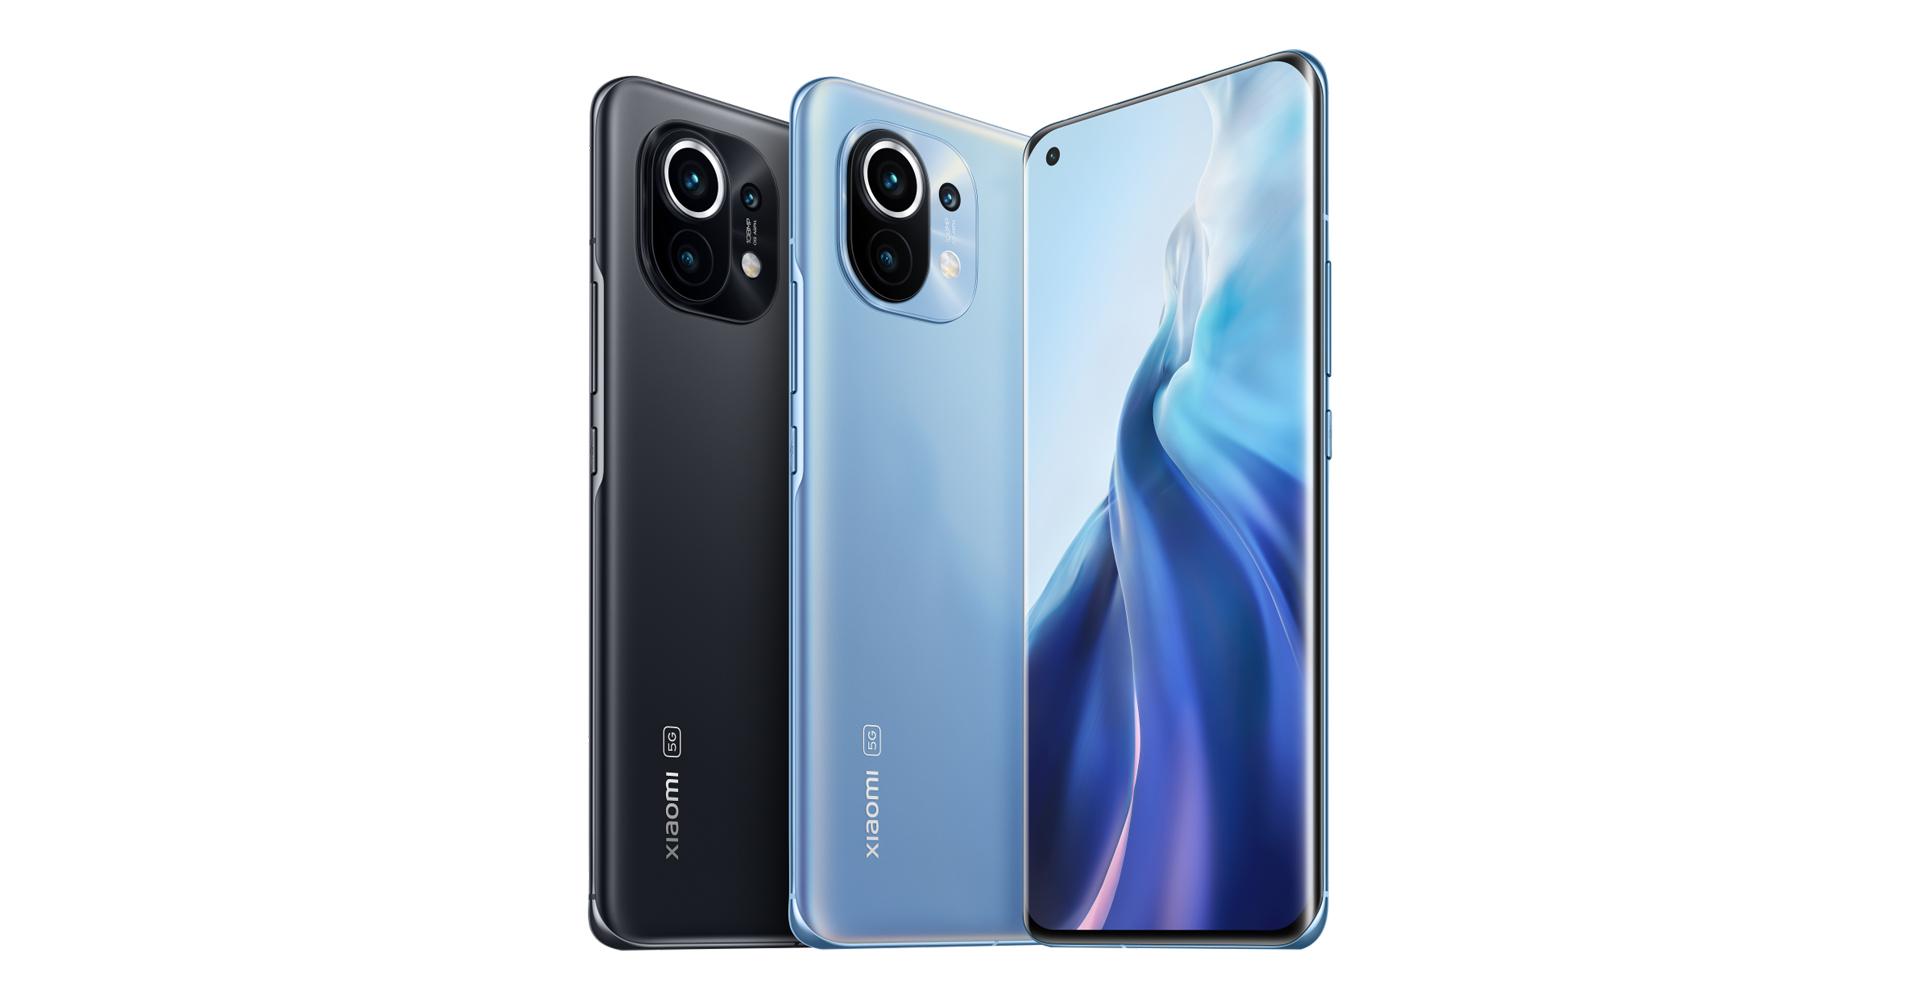 Xiaomi Mi 11 vorne und hinten in Grau und Blau